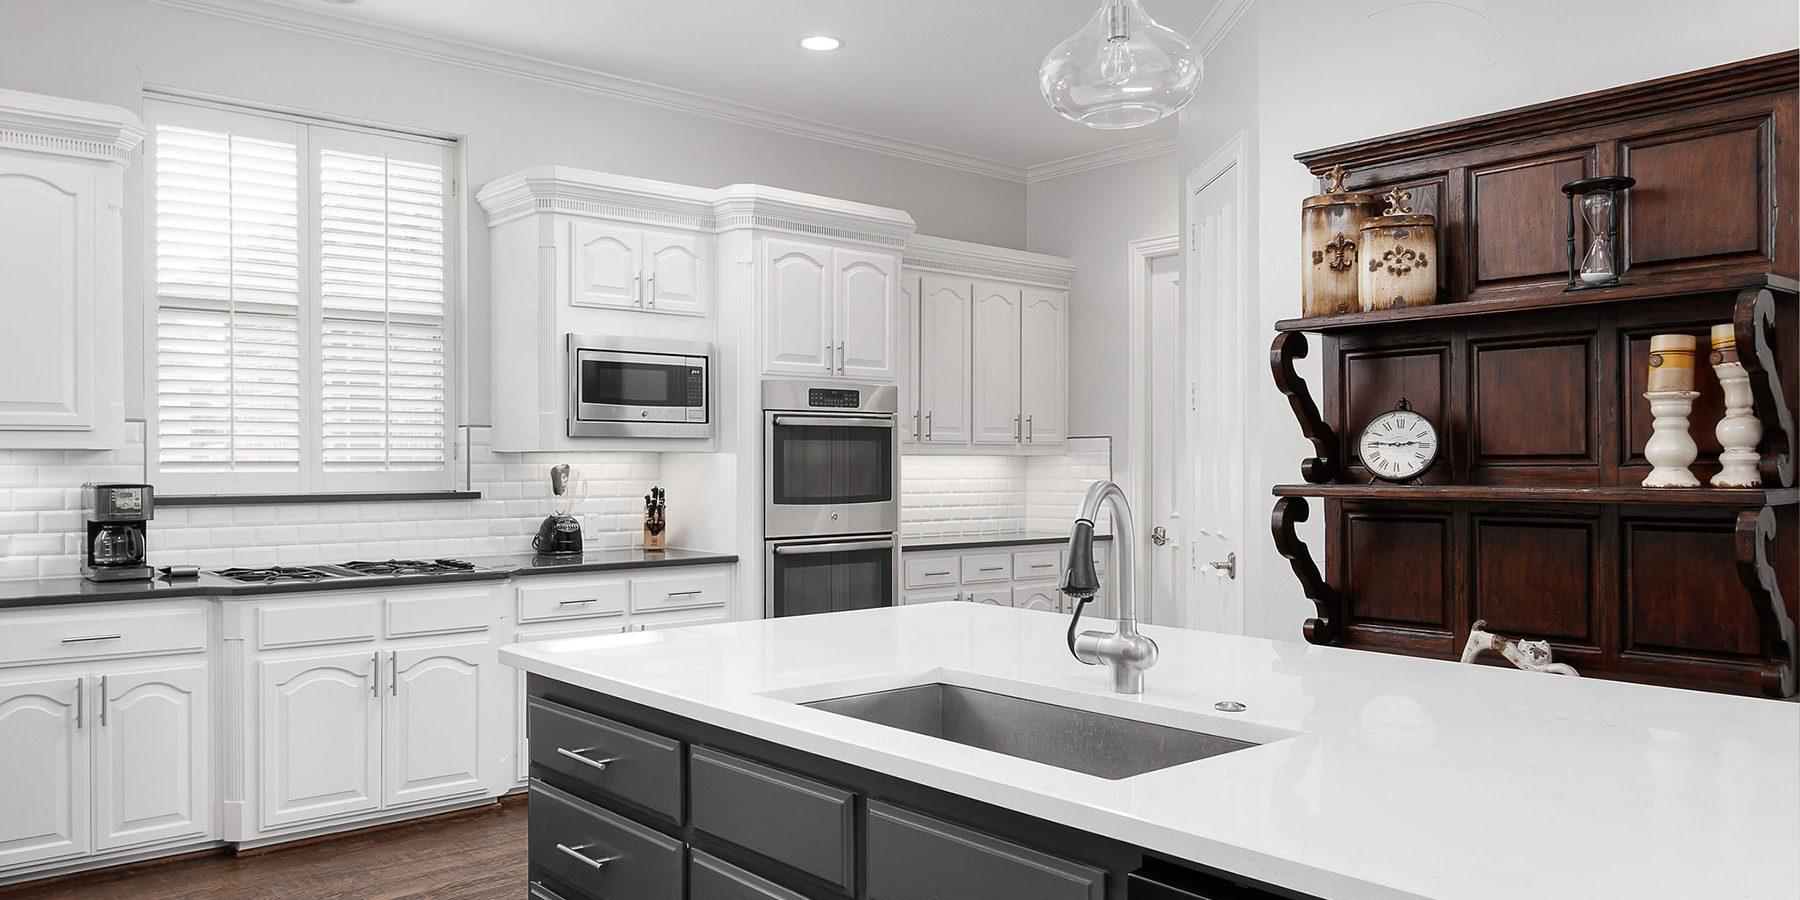 8 Popular Kitchen Cabinet Paint Color Ideas Agape Home Services